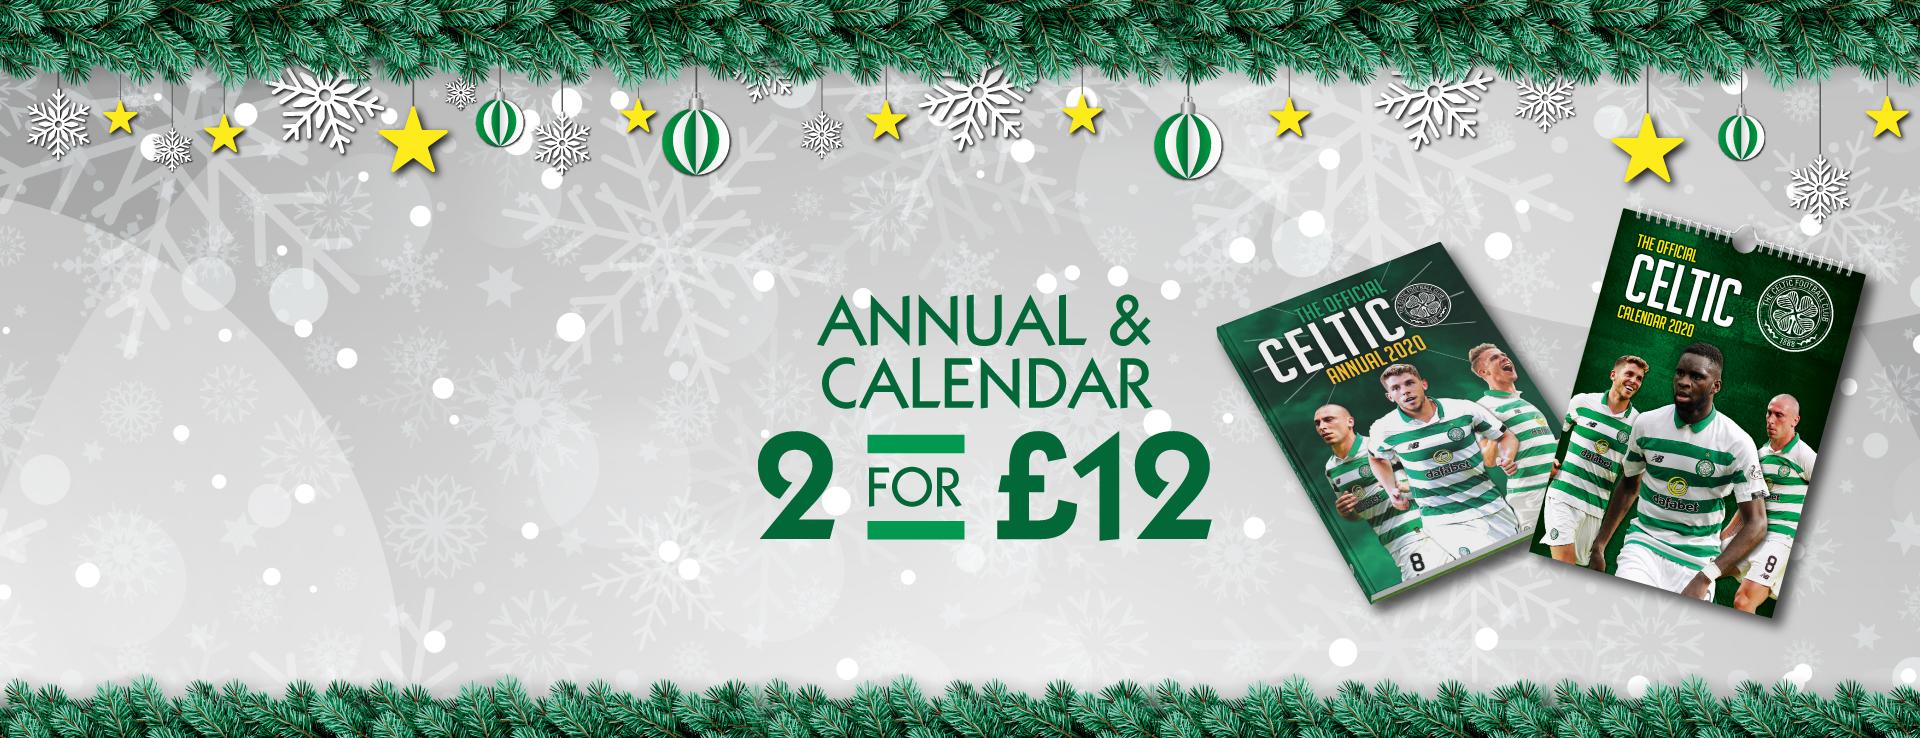 2020 Annual & Calendar